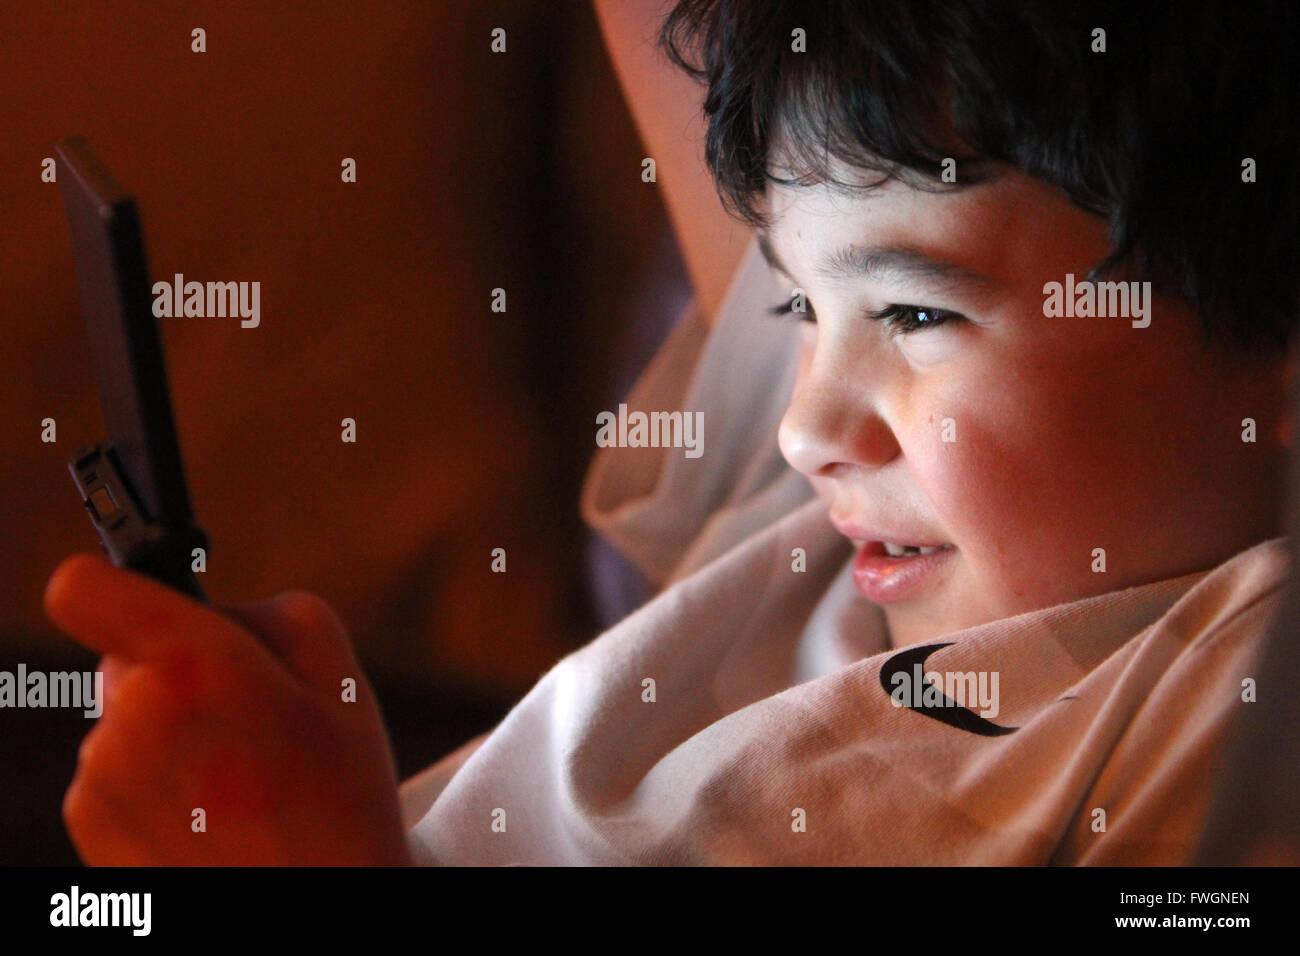 Jeune garçon jouant de la console de l'ordinateur Banque D'Images